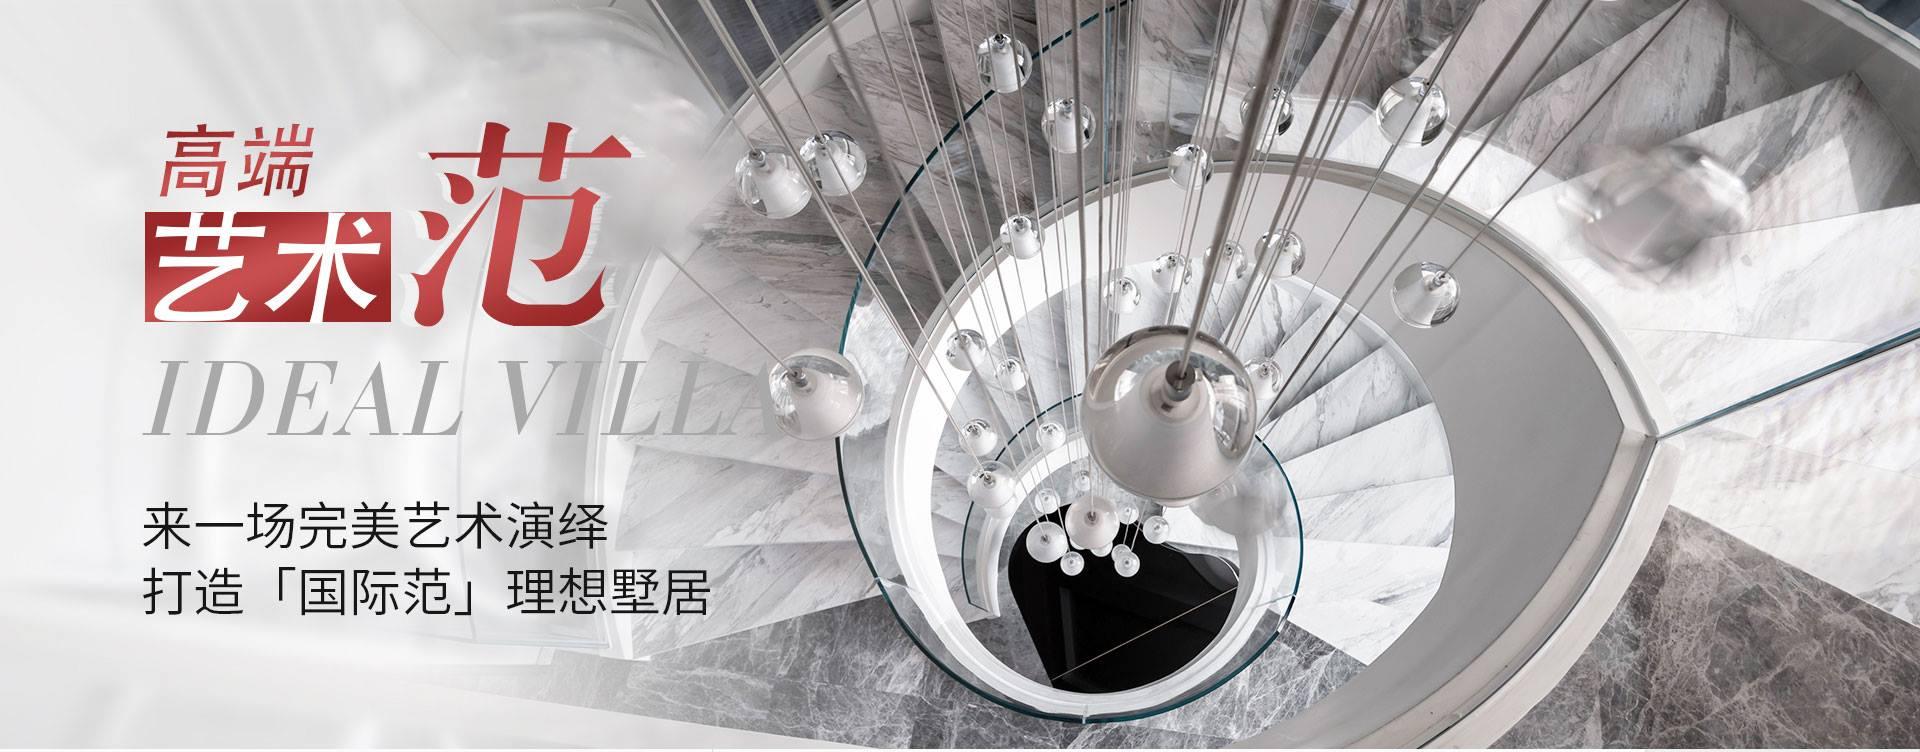 杭州尚层别墅装饰专题